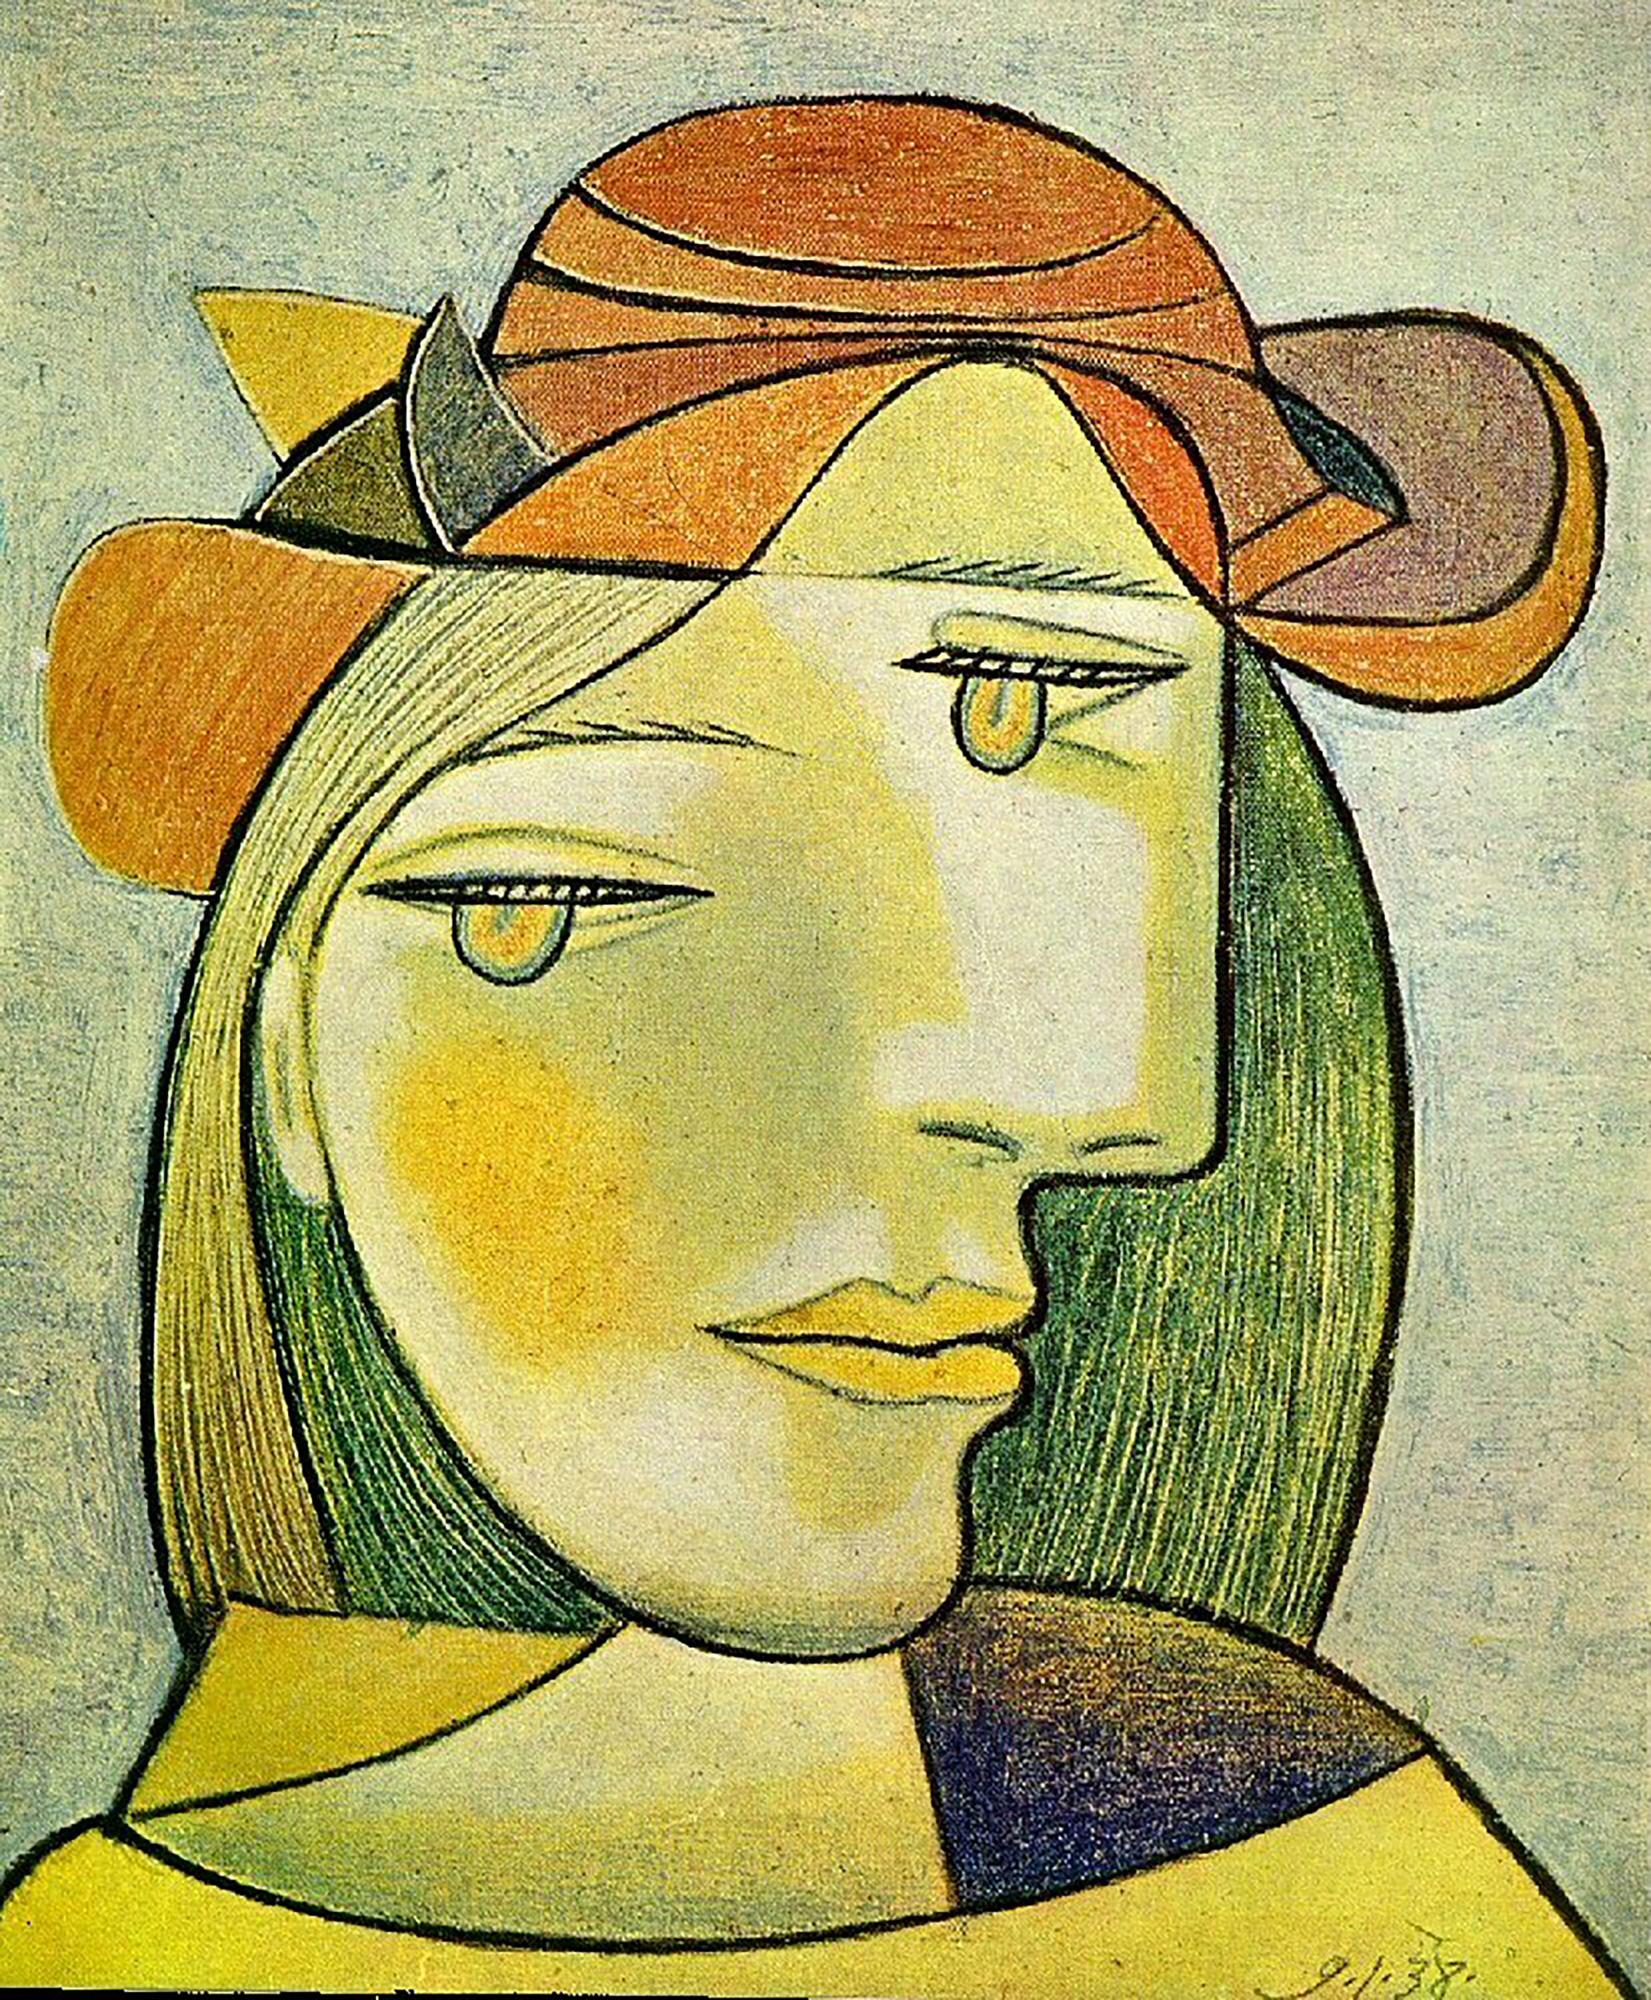 Portrait de Femme Pablo Picasso, 1938